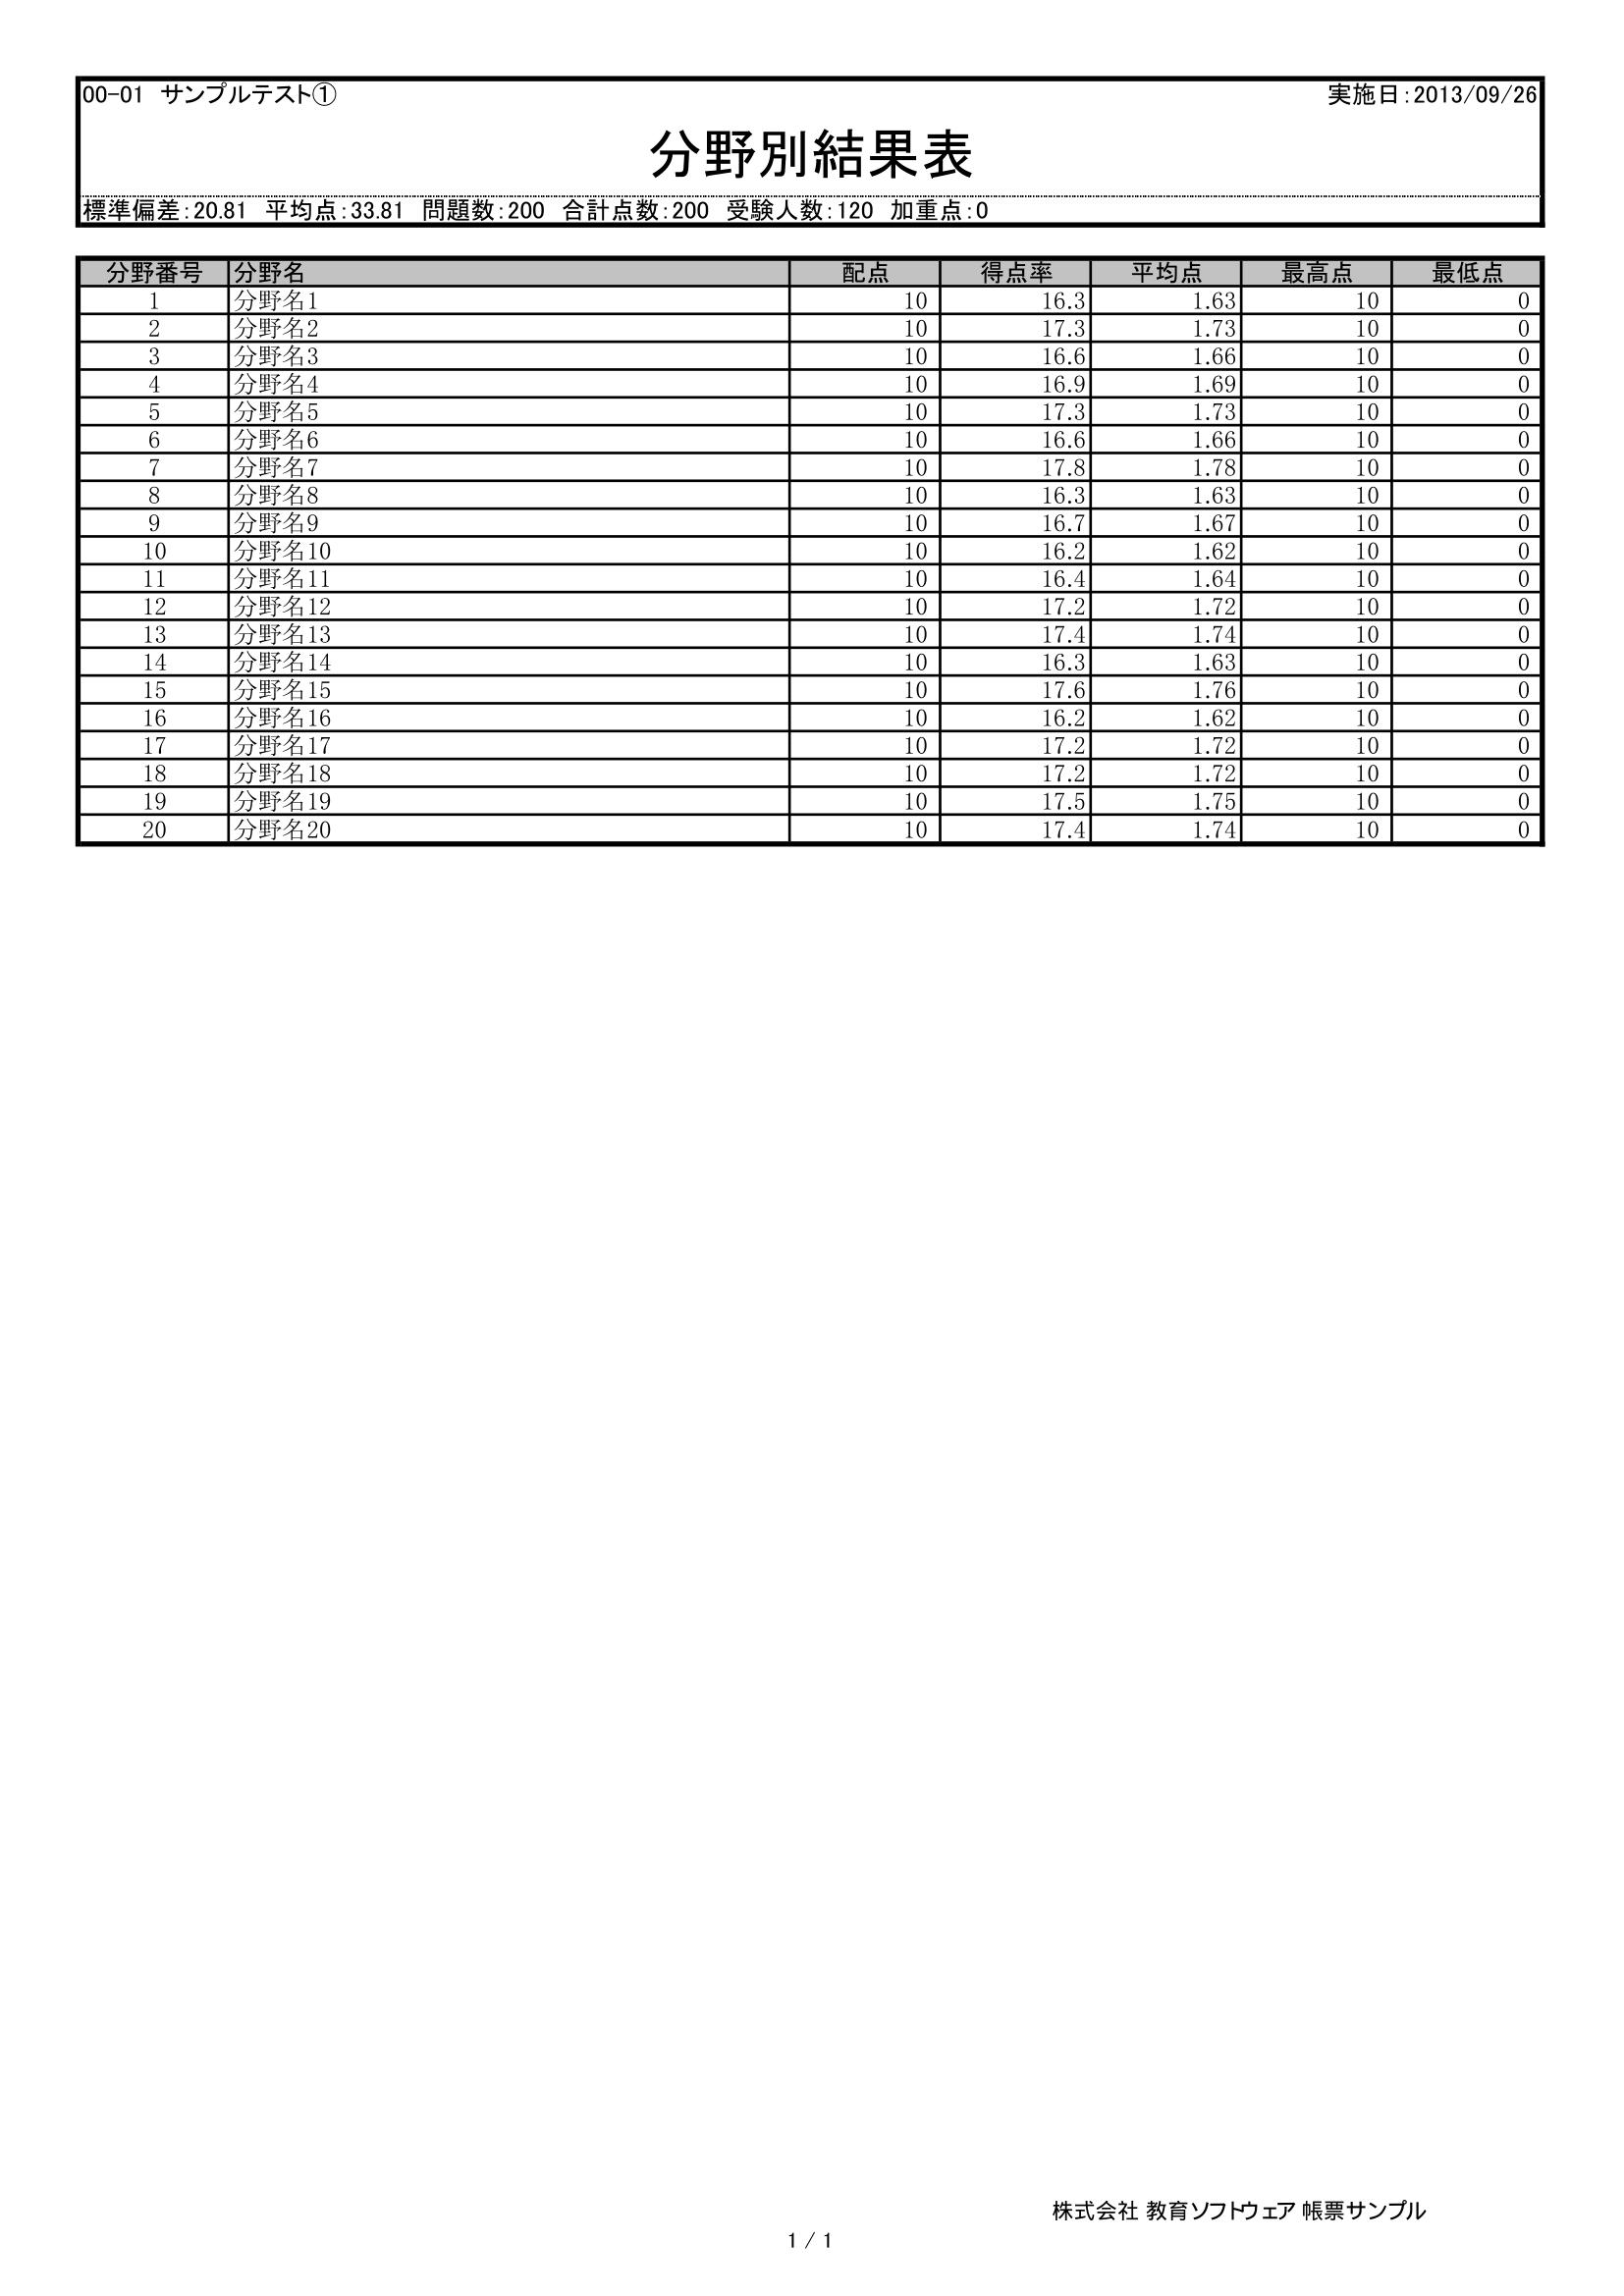 採点ソフト帳票サンプル-分別結果表